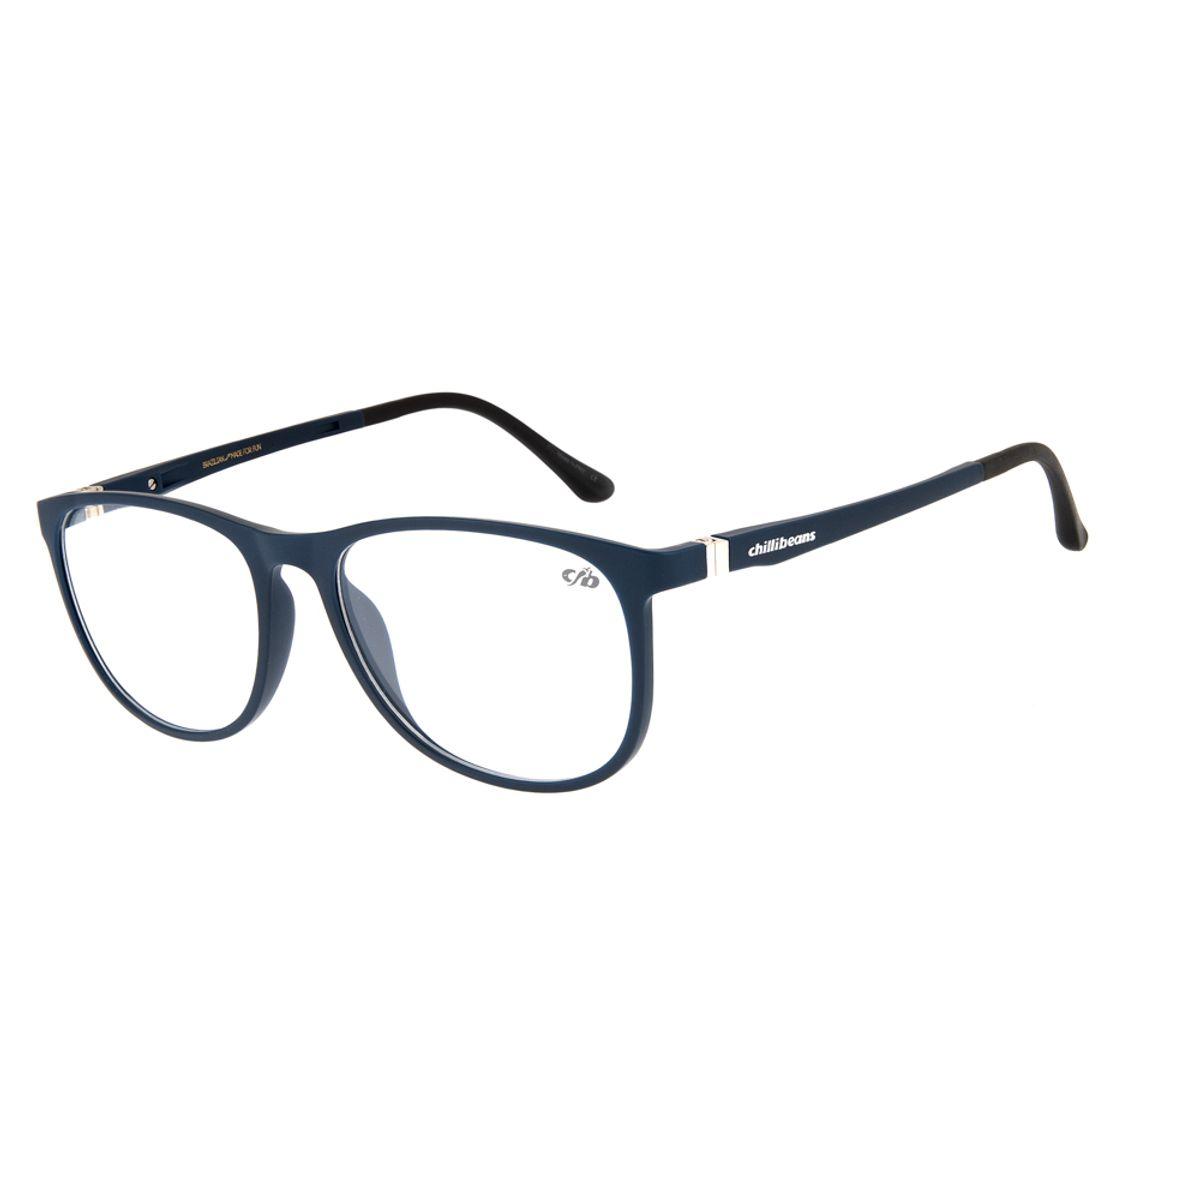 0dff65038 Armação para Óculos de Grau Feminino Chilli Beans Azul Escuro 0109 ...